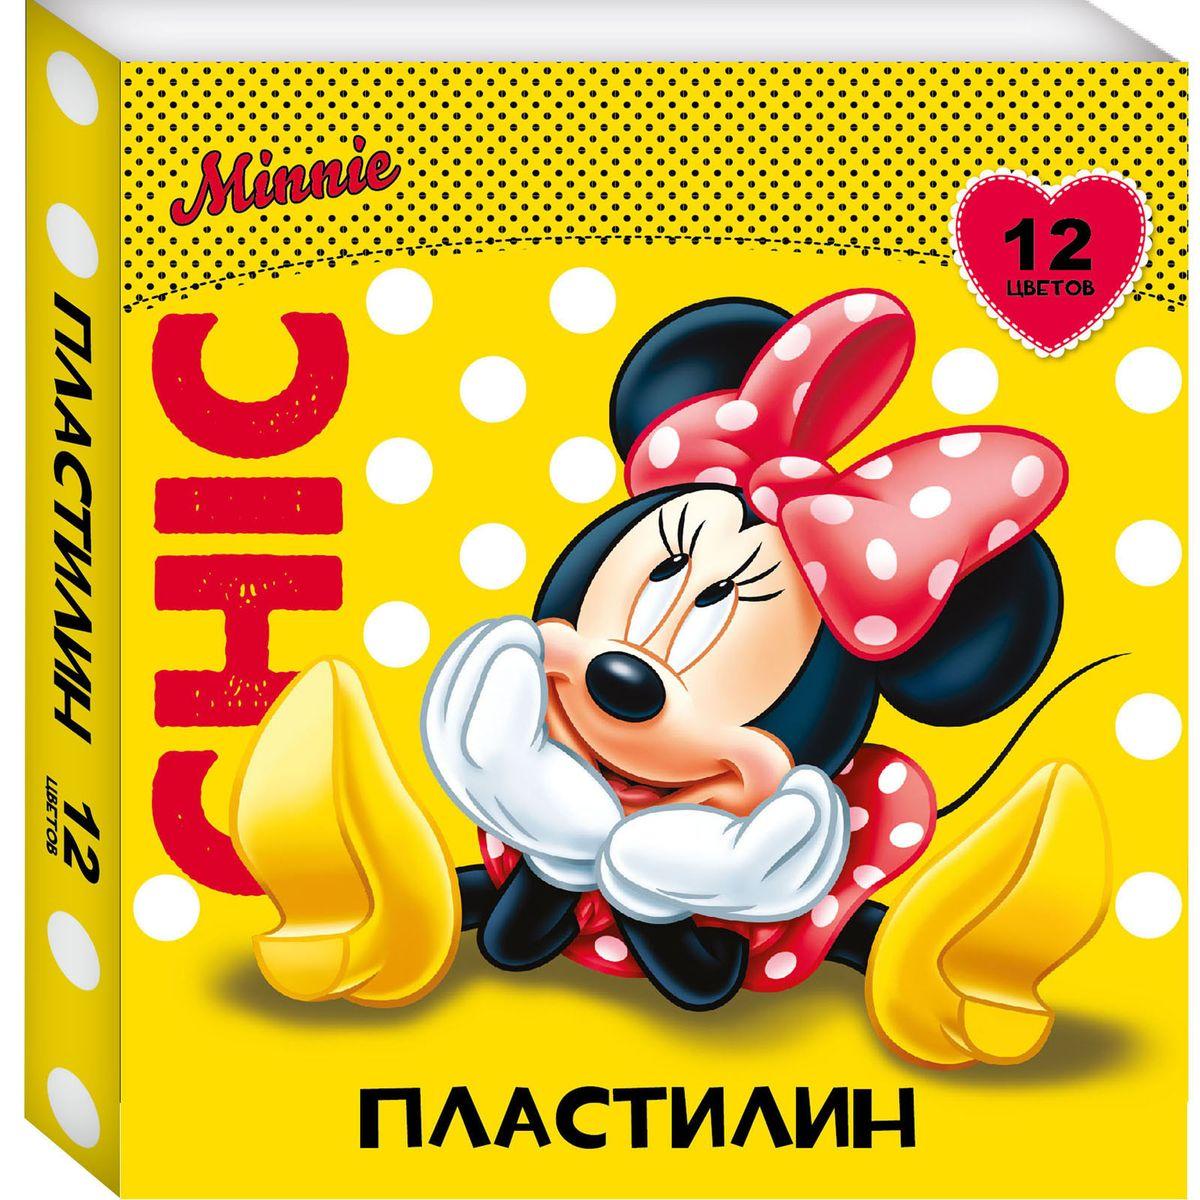 Disney Пластилин Минни 12 цветов